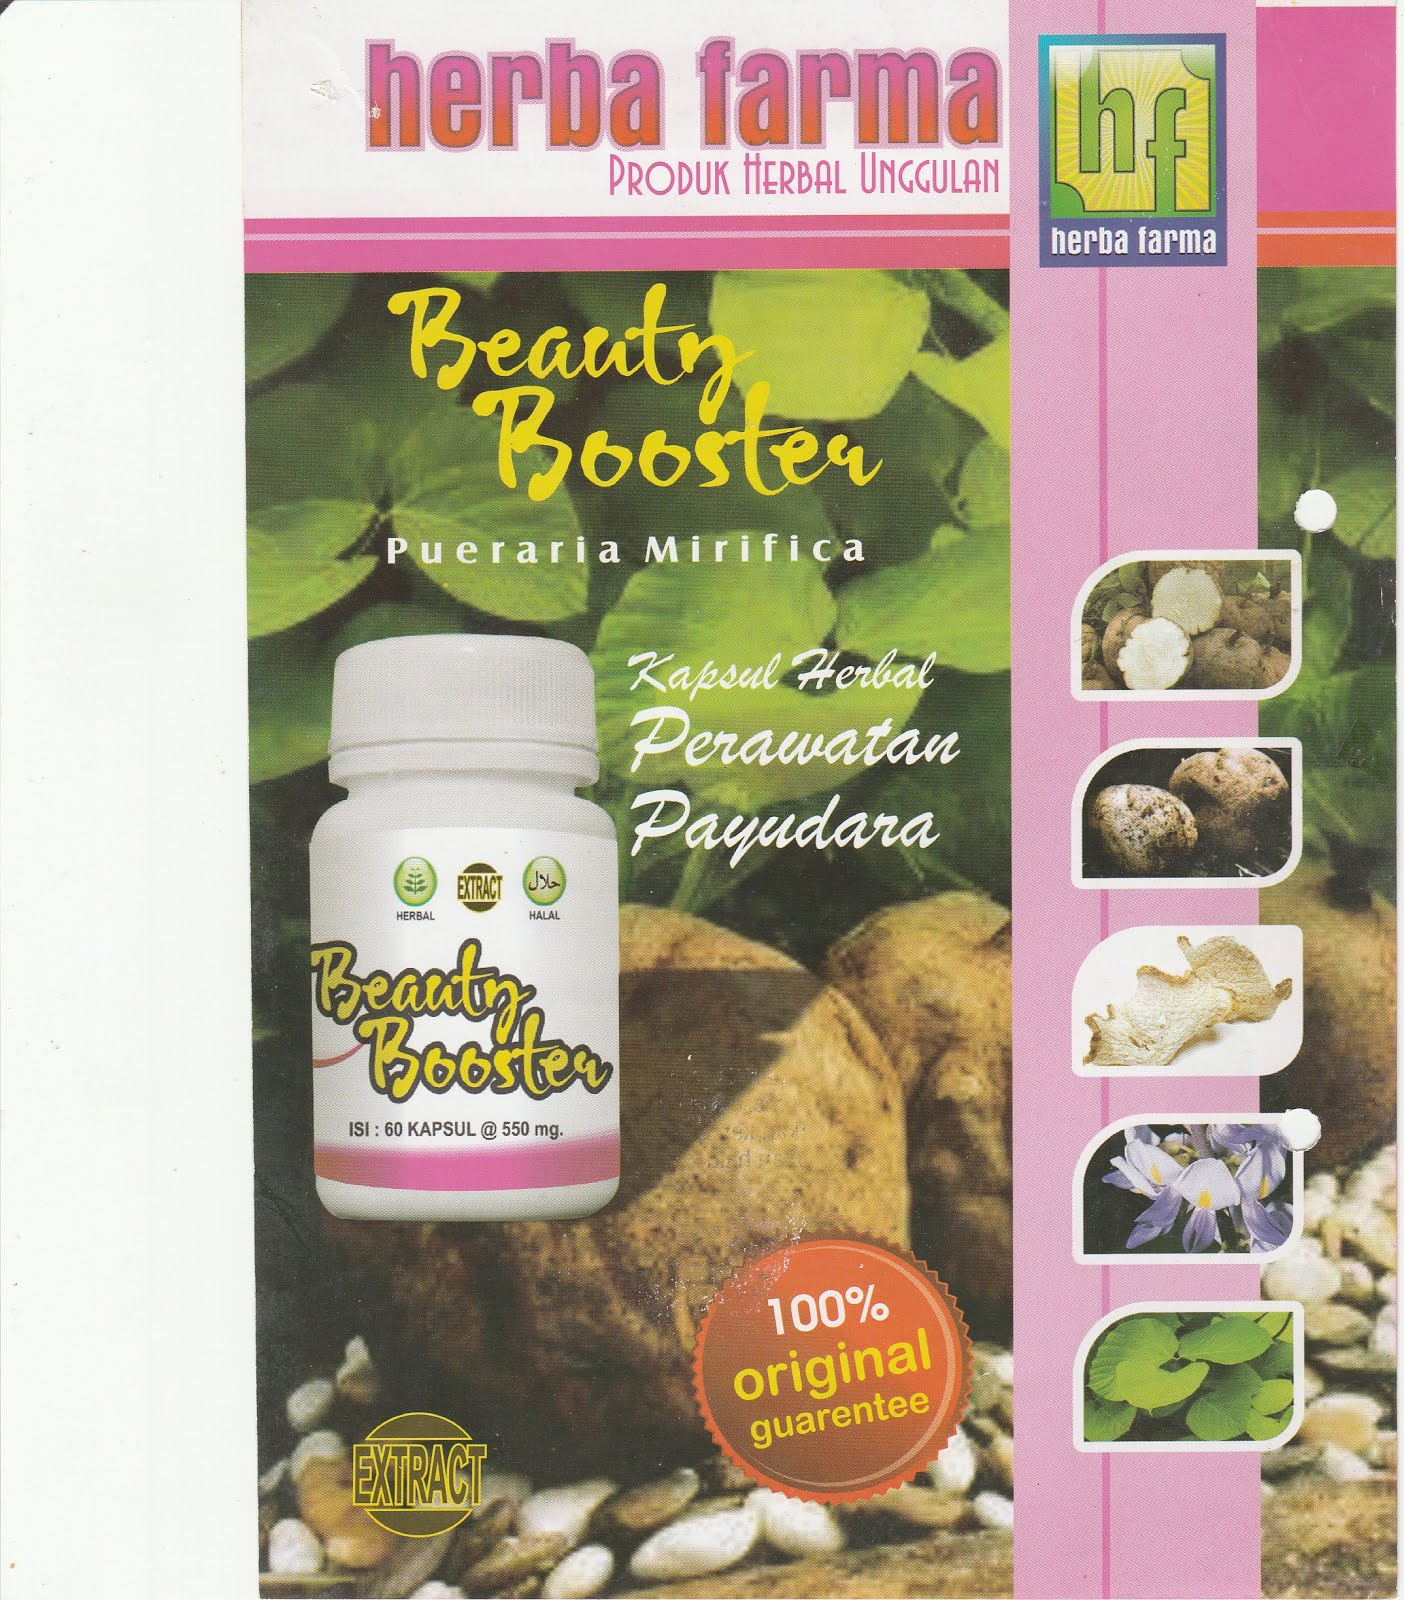 Alat Terapi Dan Herbal Testimoni Pengguna Tusuk Jari Kapsul Original Asam Urat Rematik Dll Beauty Booster